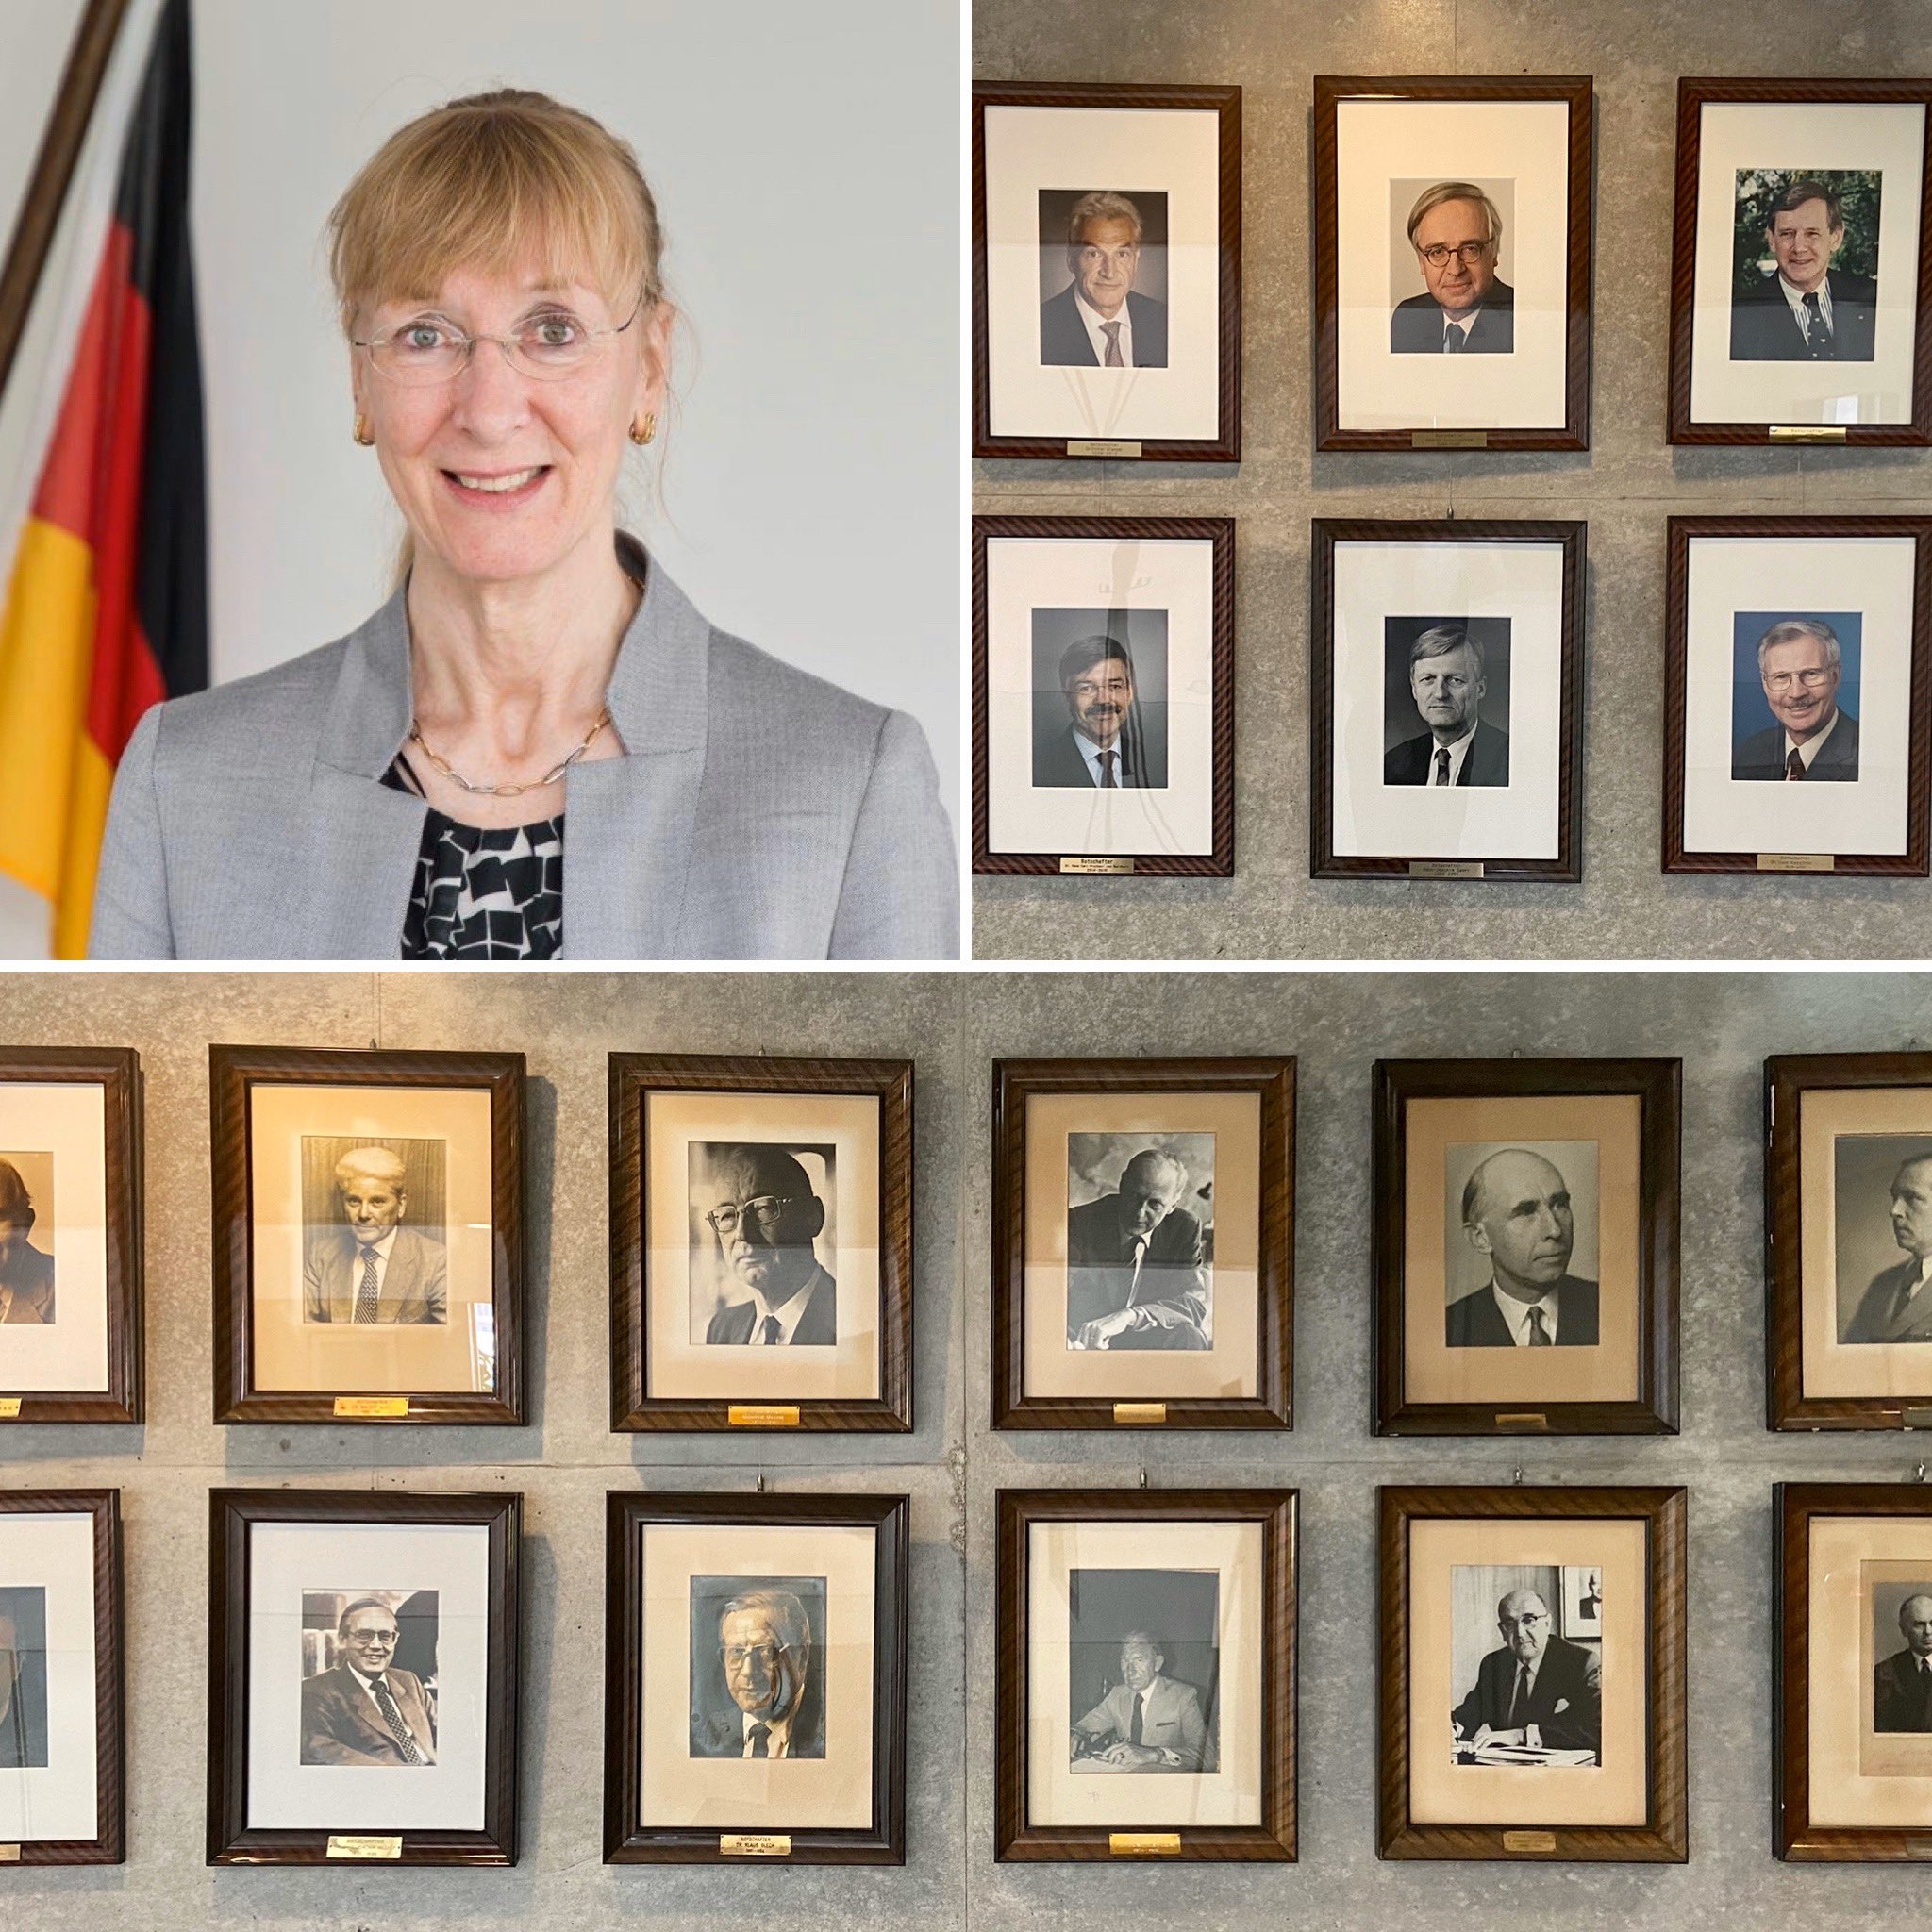 「今日は #国際女性デー。残念ながら世界にあるドイツの在外公館の大使のうち女性はわずか15%ほど。この数を、私達は早急に大きく増やしたいと思っています。 これまで私の前任者たちは皆男性でしたので、初の女性駐日ドイツ大使であることを嬉しく思います。」 レーペル大使 #InternationalWomensDay https://t.co/olCvBTozvz